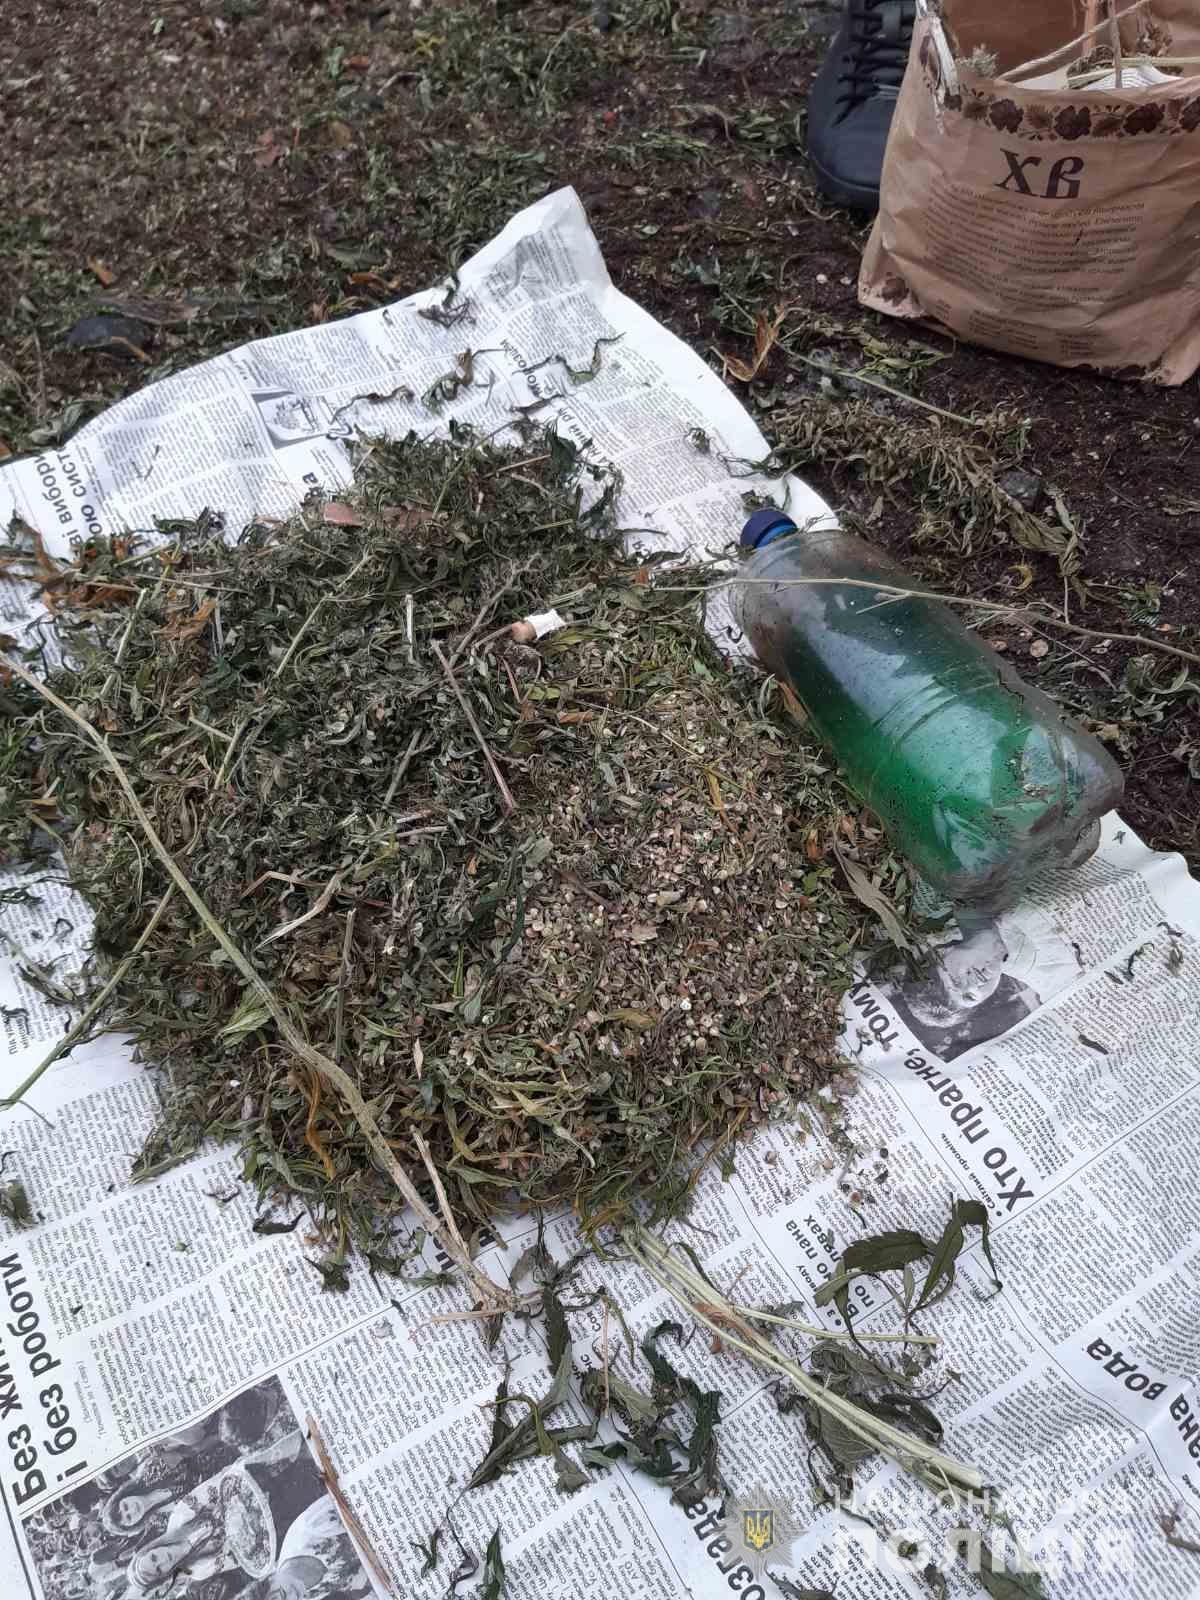 Полиция обнаружила 3 килограмма конопли в Харьковской области (фото)